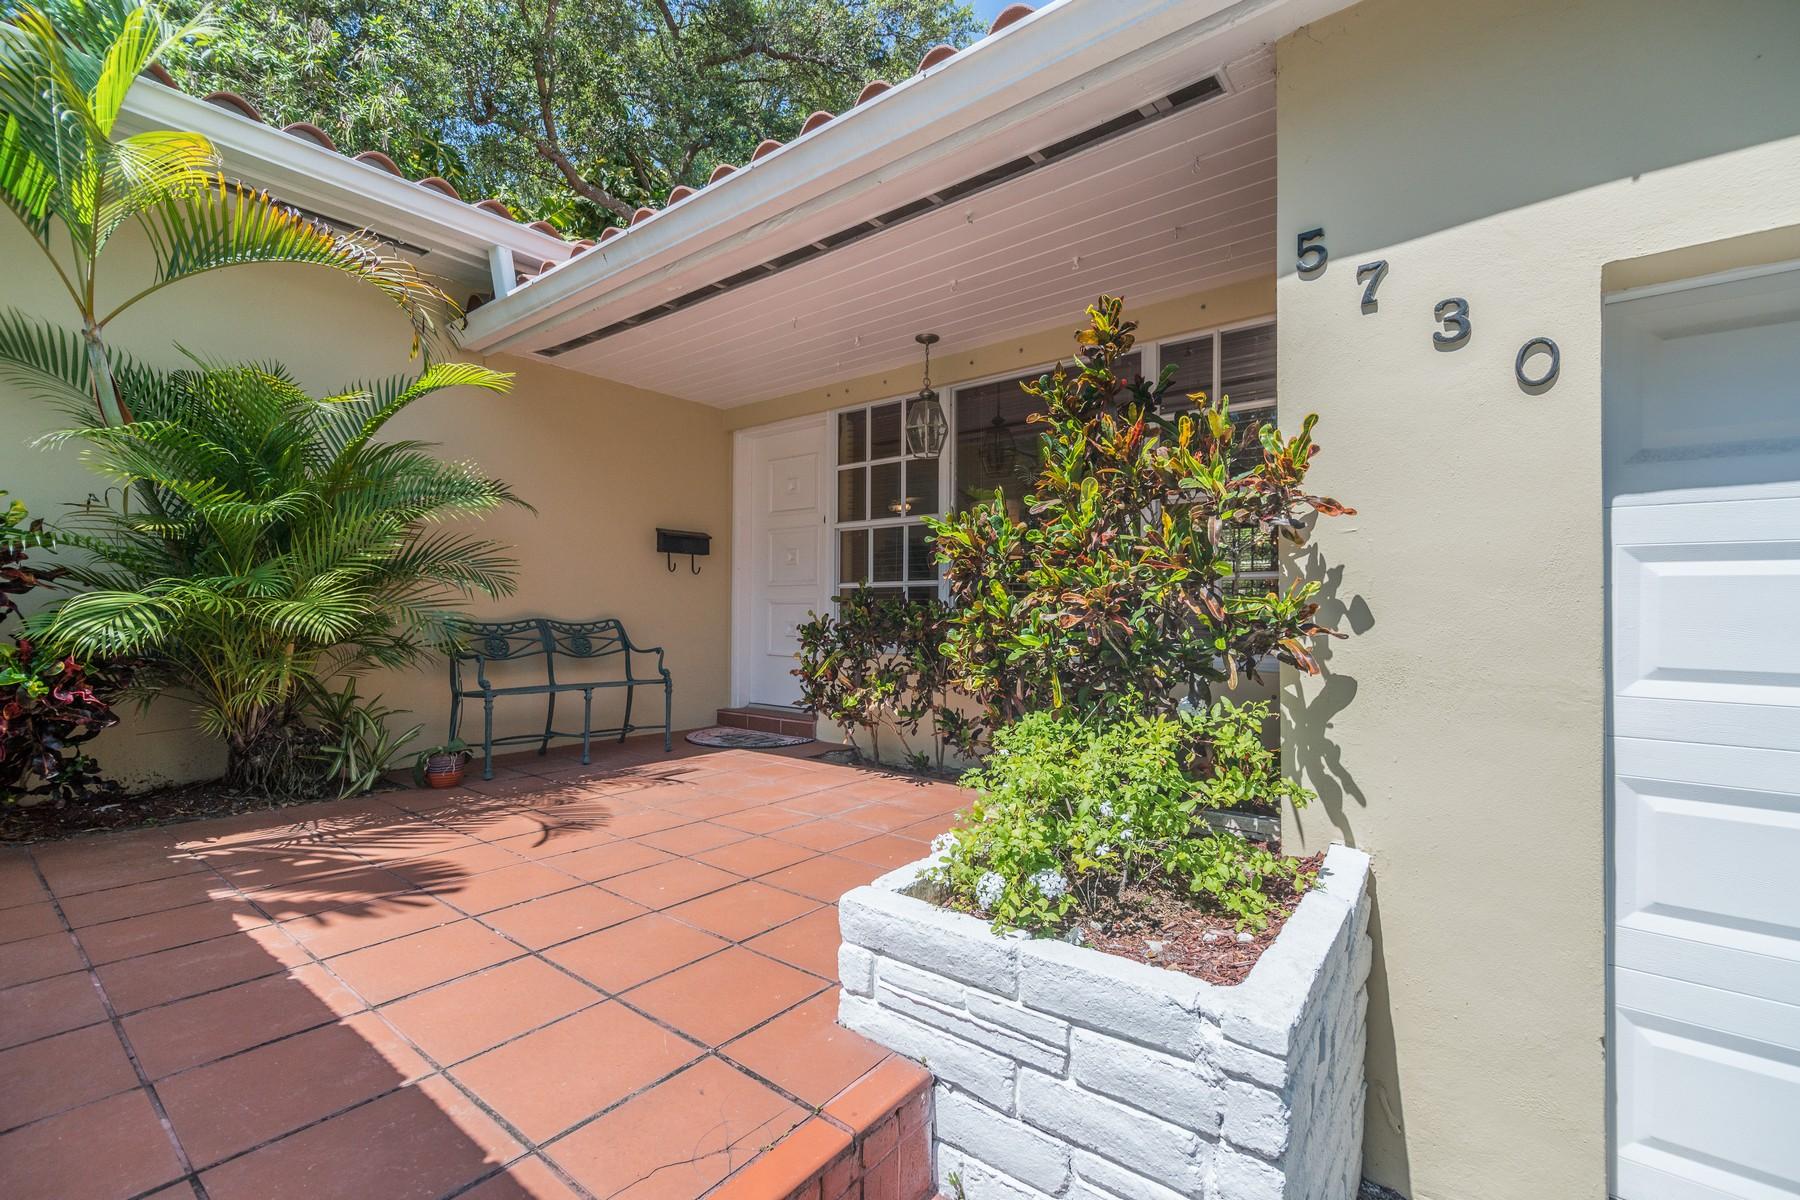 단독 가정 주택 용 매매 에 5730 San Vicente St Coral Gables, 플로리다 33146 미국